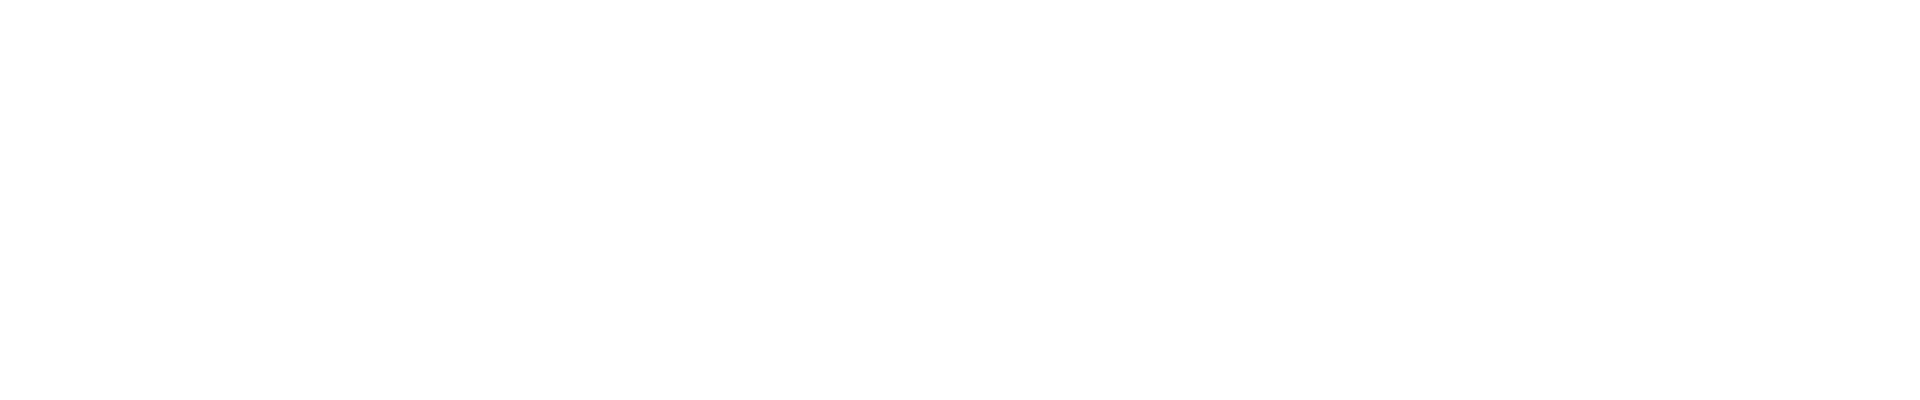 poleras-estampadas-rock-mujer-viste-tu-banda-rock